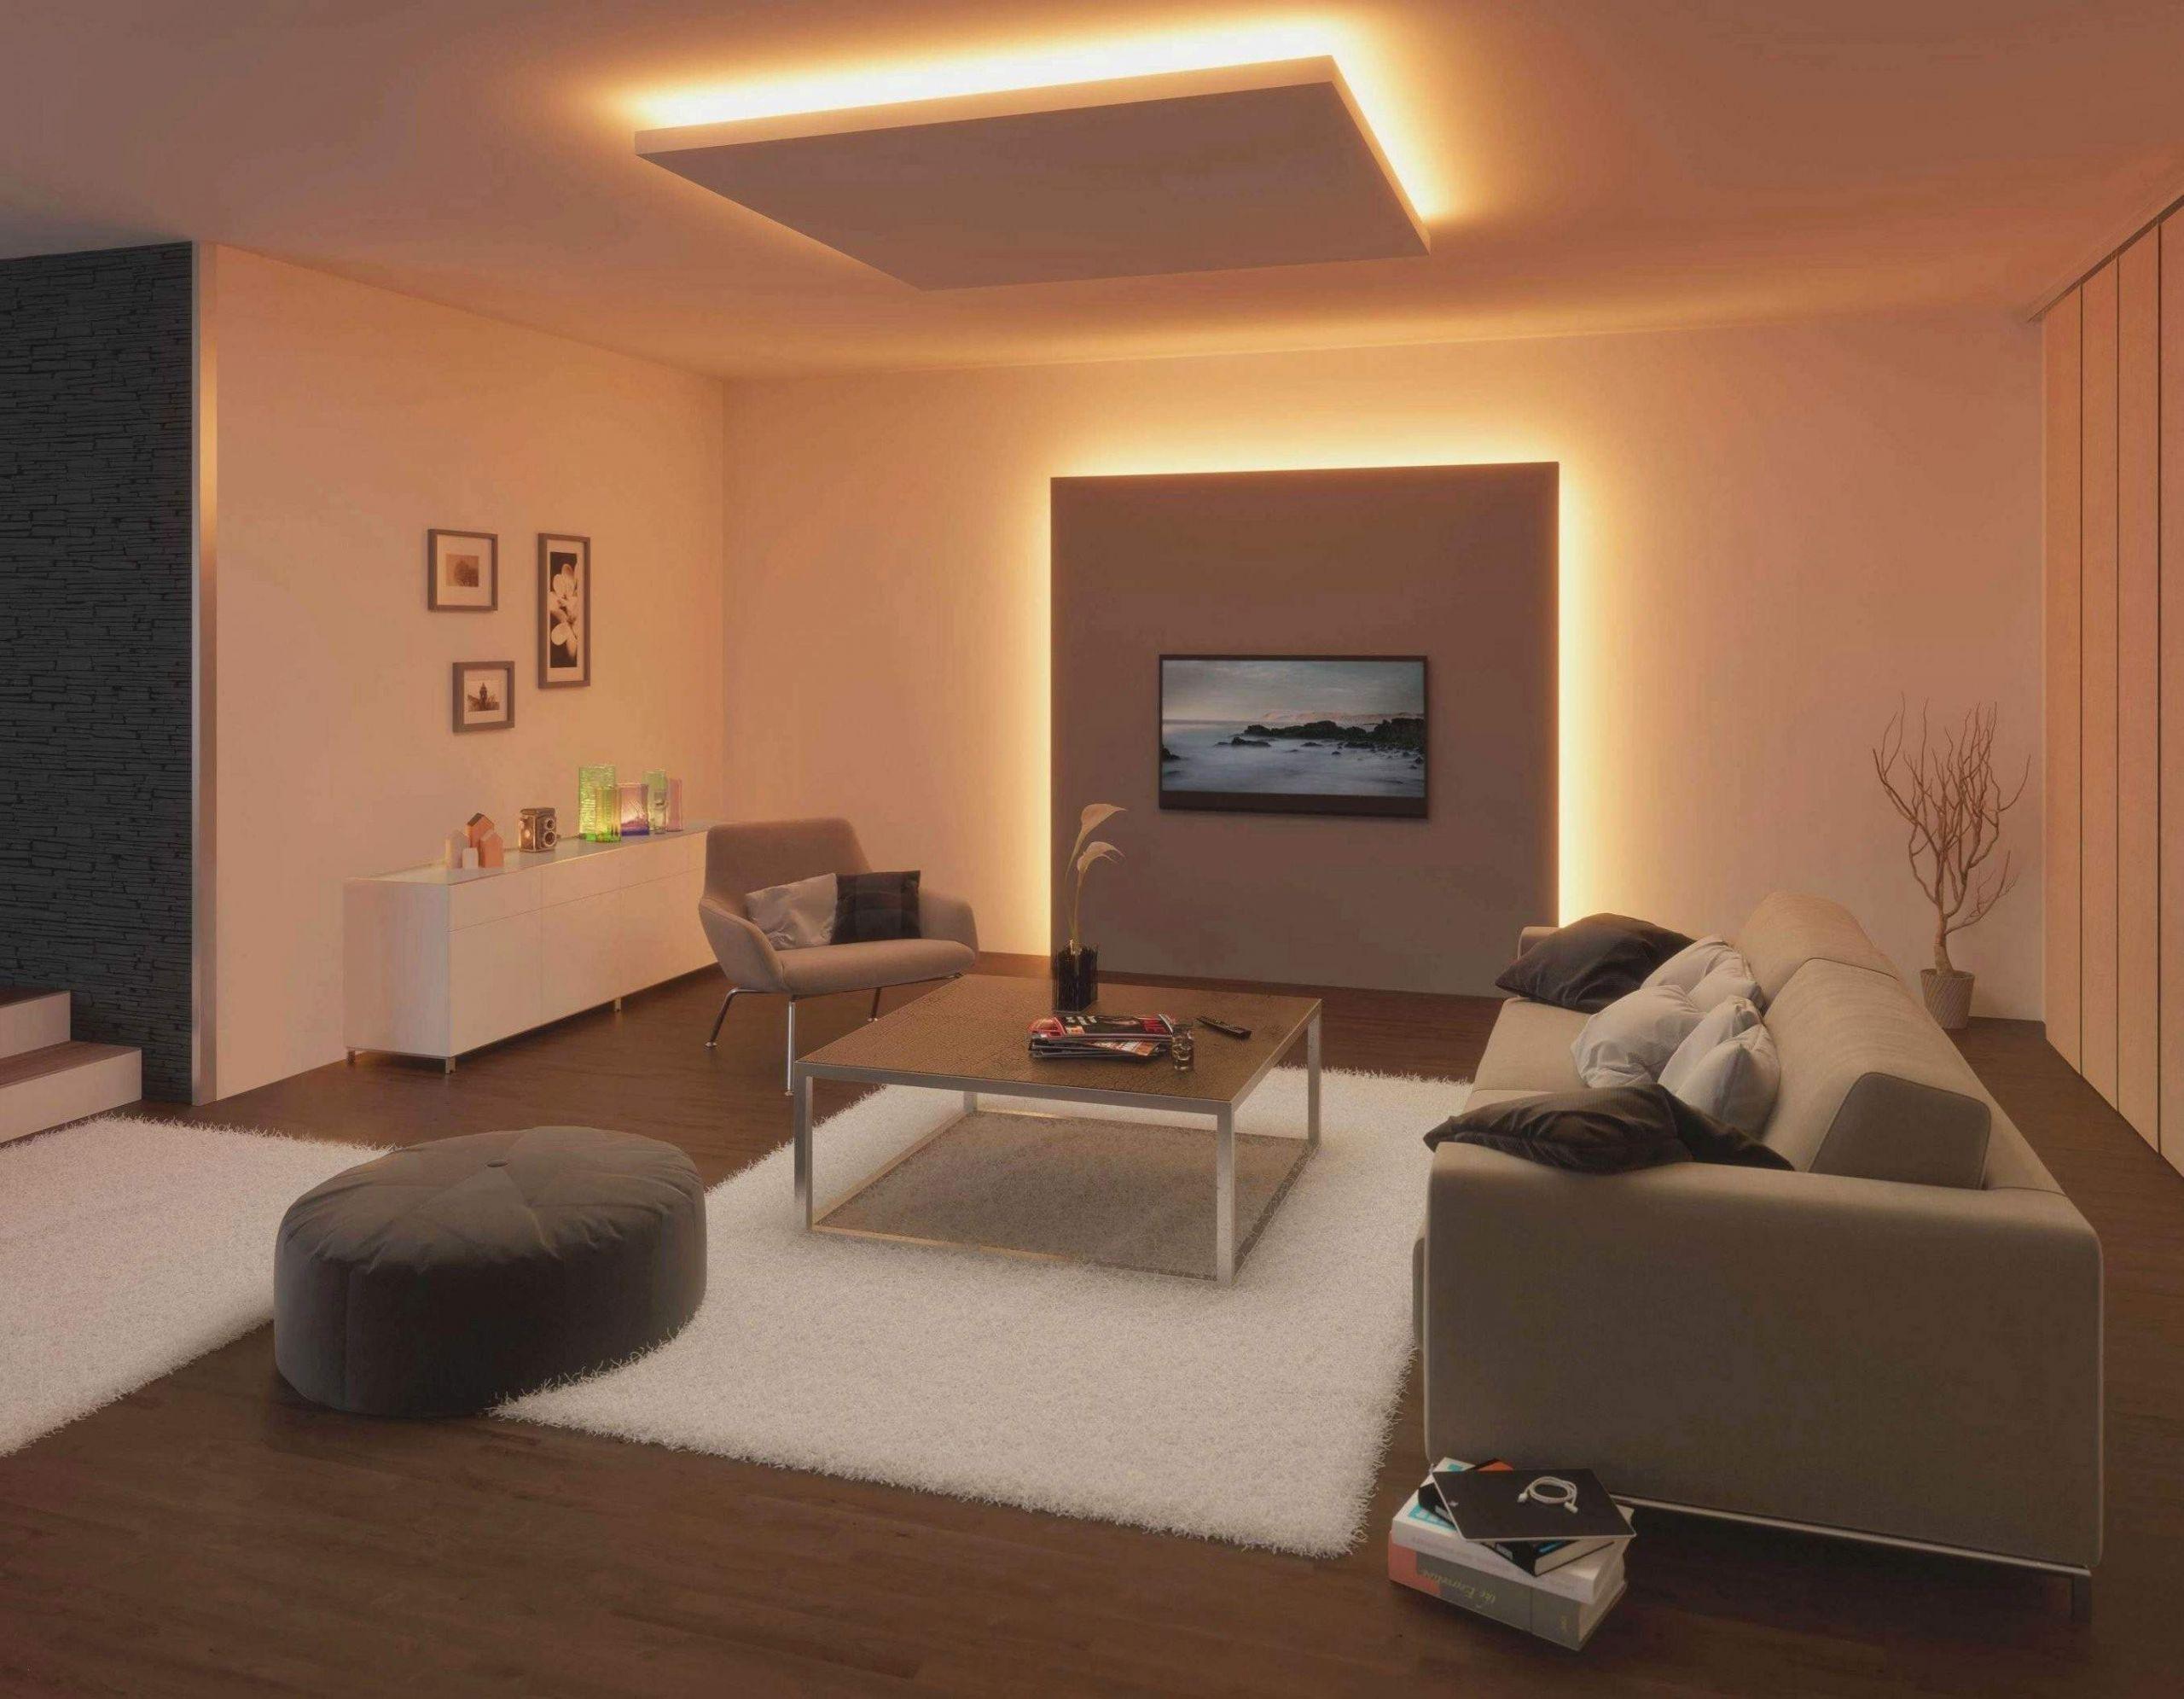 Full Size of Lampen Wohnzimmer 38 Luxus Ikea Reizend Frisch Tisch Wohnwand Schrank Relaxliege Stehlampen Teppich Led Deckenleuchte Decke Schrankwand Deckenlampen Wohnzimmer Lampen Wohnzimmer